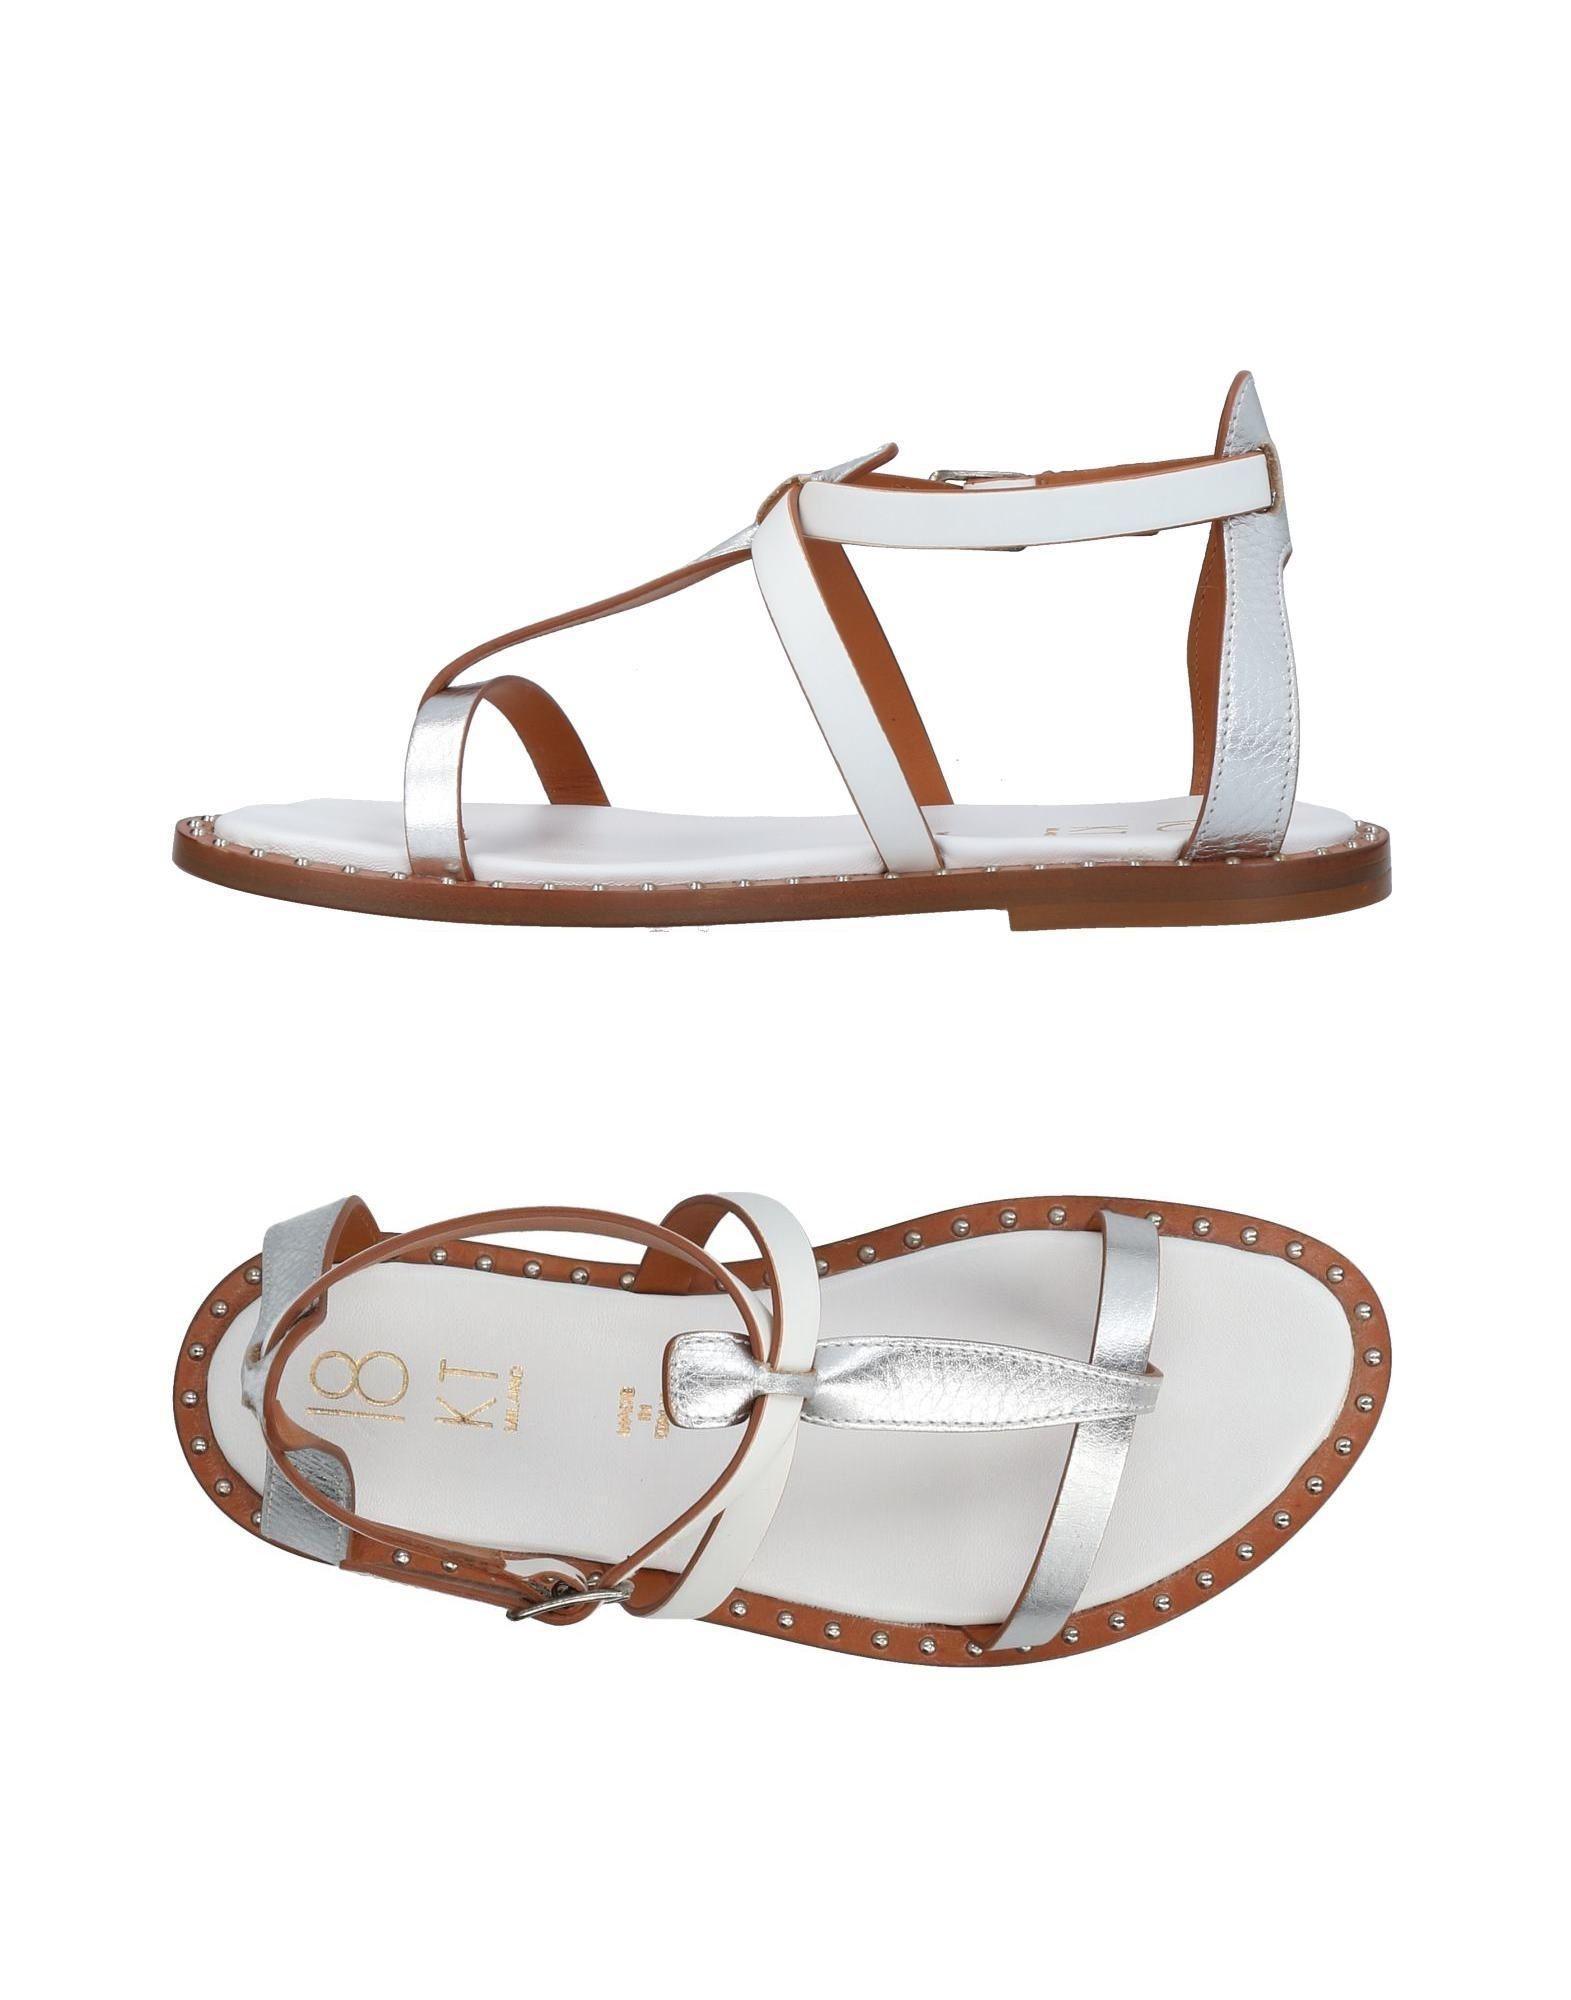 FOOTWEAR - Toe post sandals 18 KT zQHDq